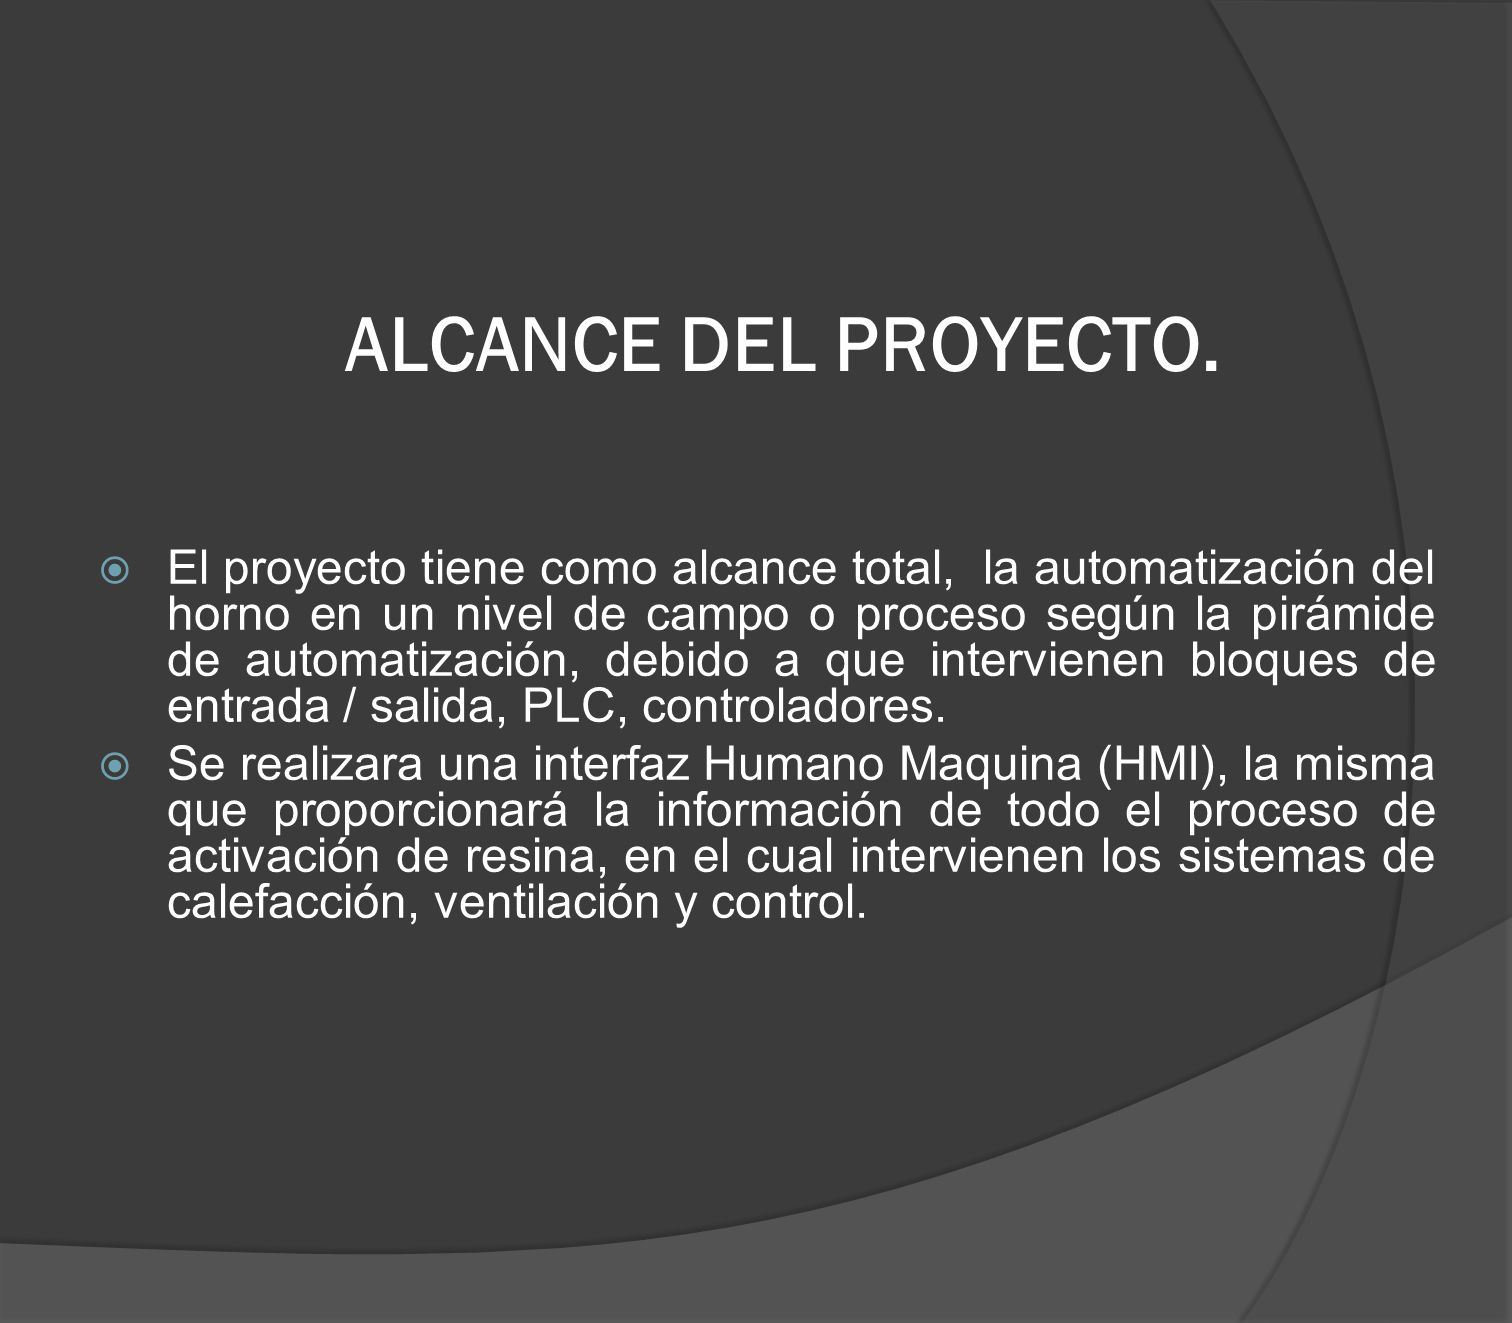 ALCANCE DEL PROYECTO.